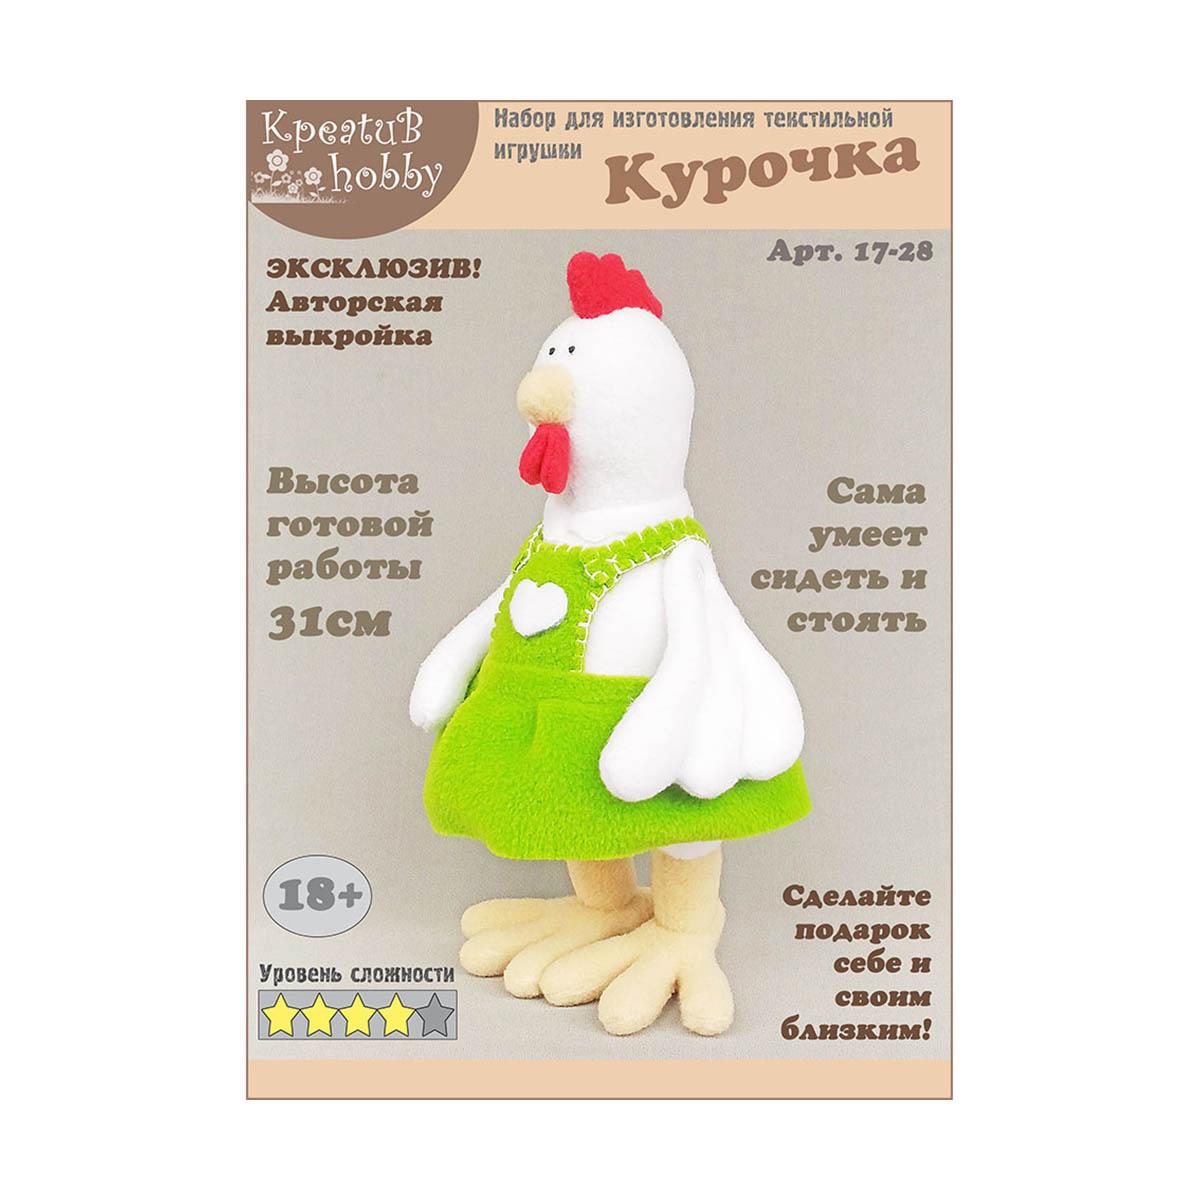 17-28 Набор для изготовления игрушки 'Курочка' 31см